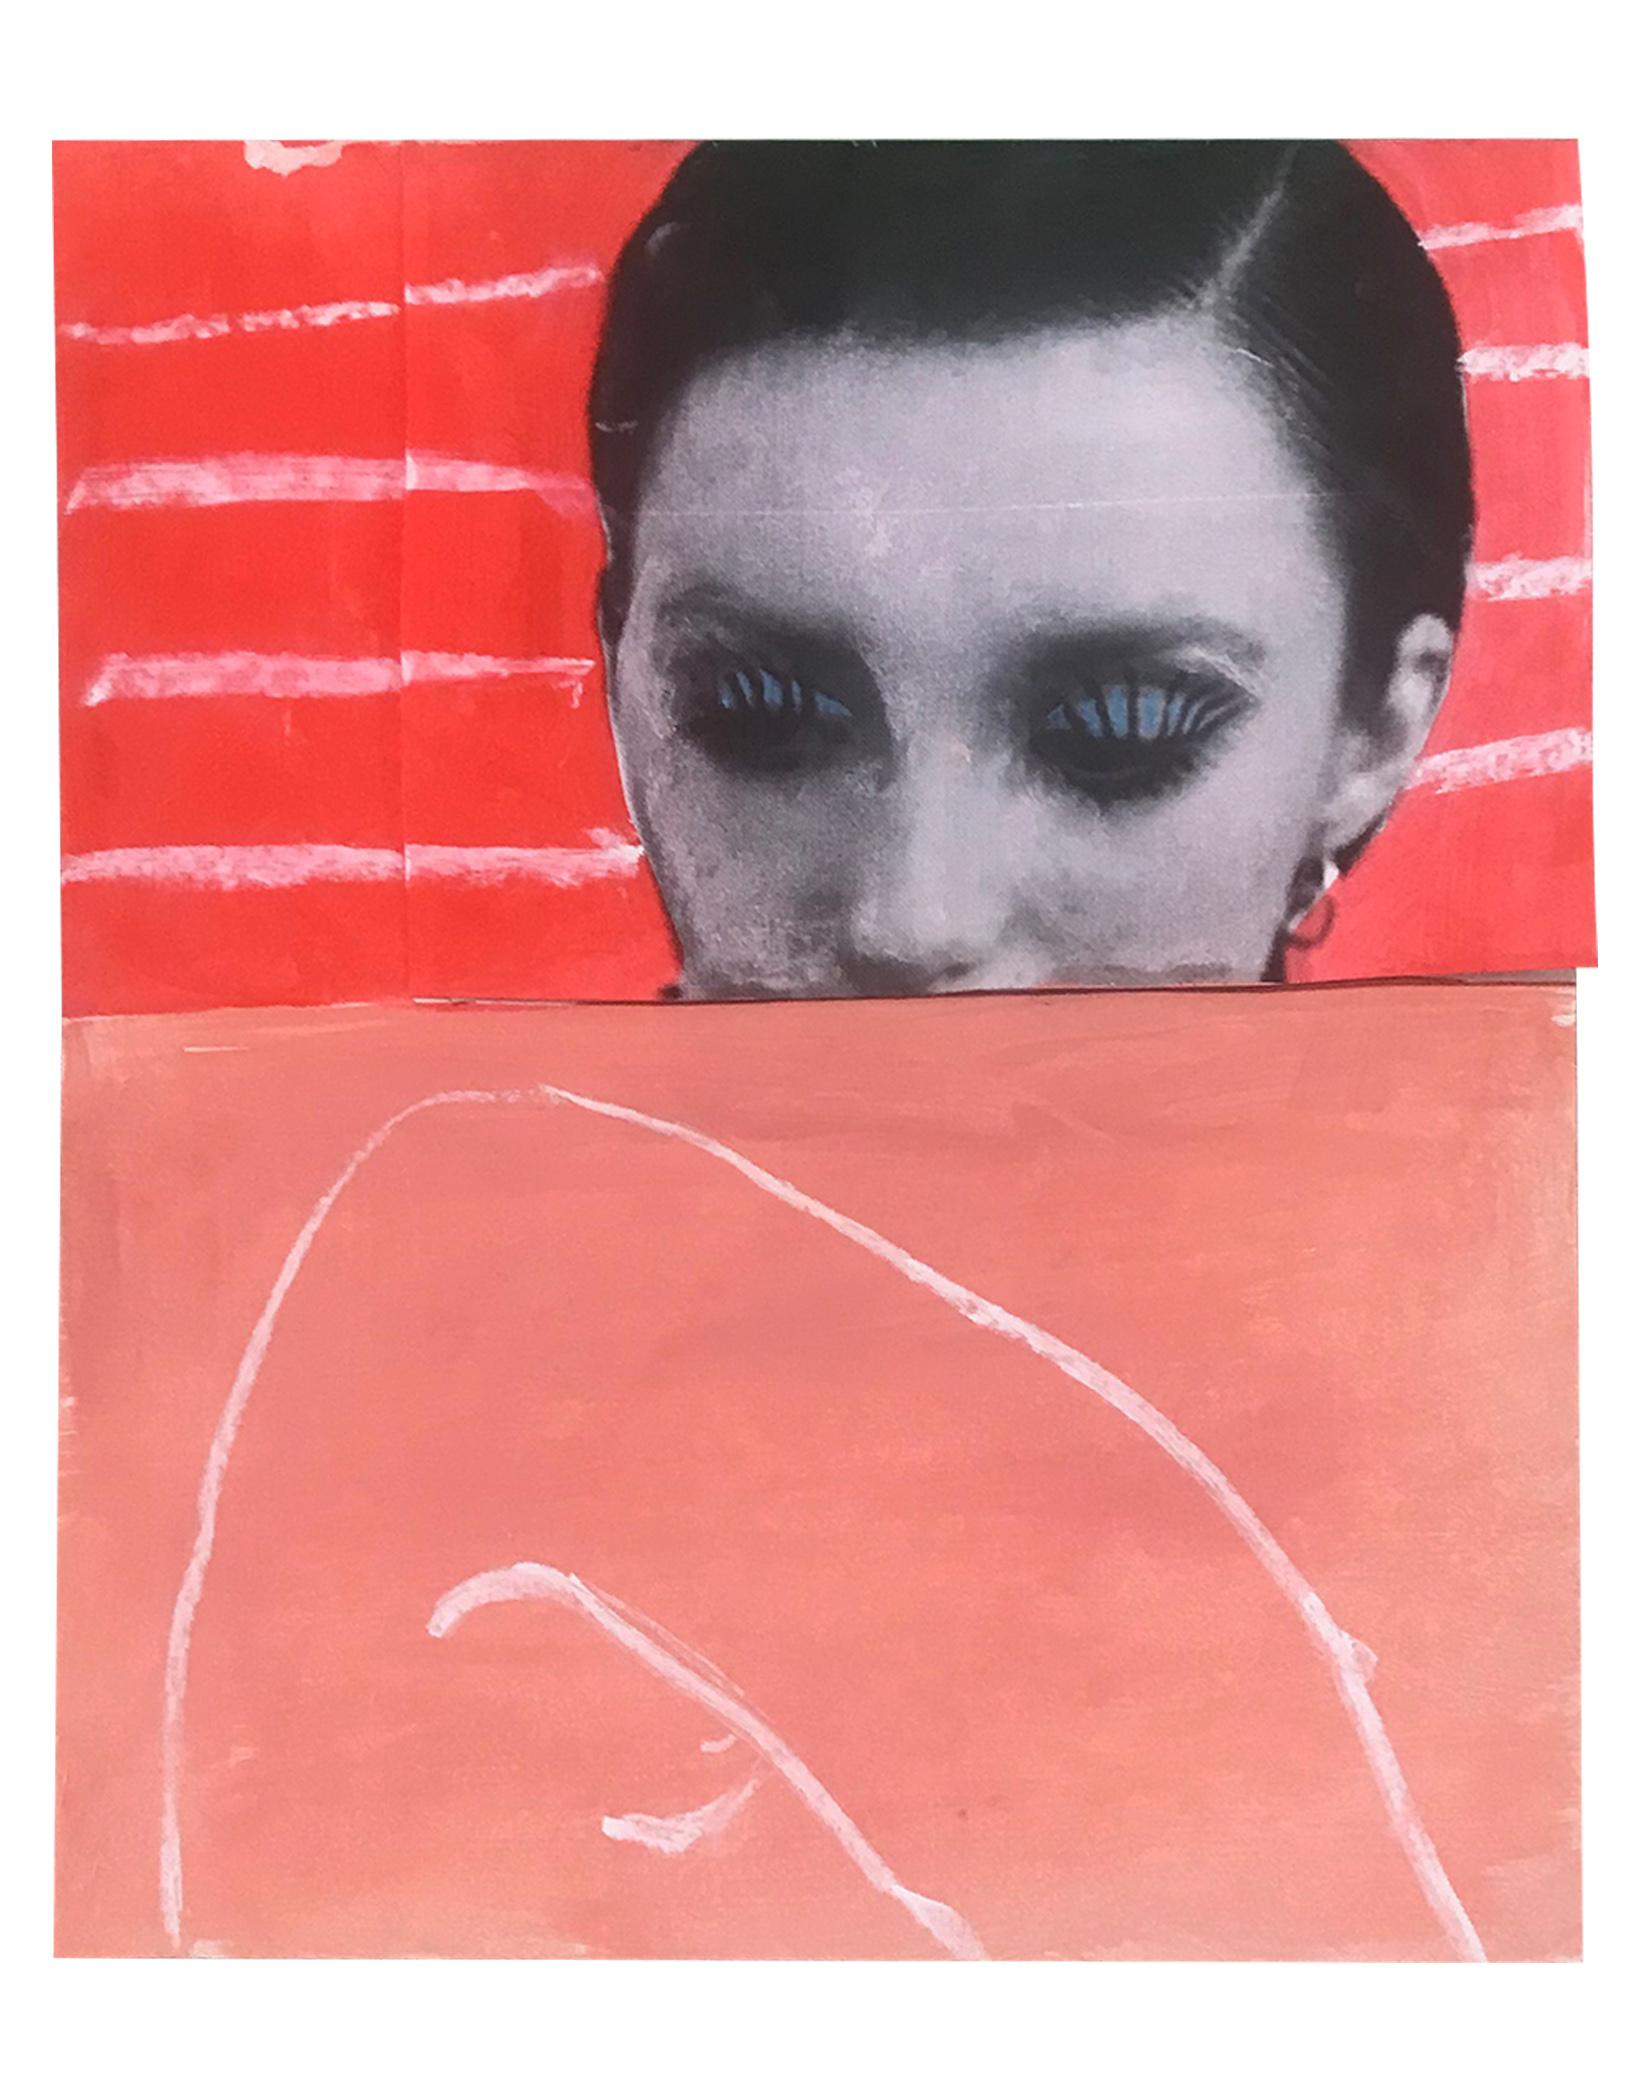 """UNSPOKEN (STUDY) 8"""" x 10"""" Chalk Pastel on Archival Inkjet Print $60.00    BUY"""